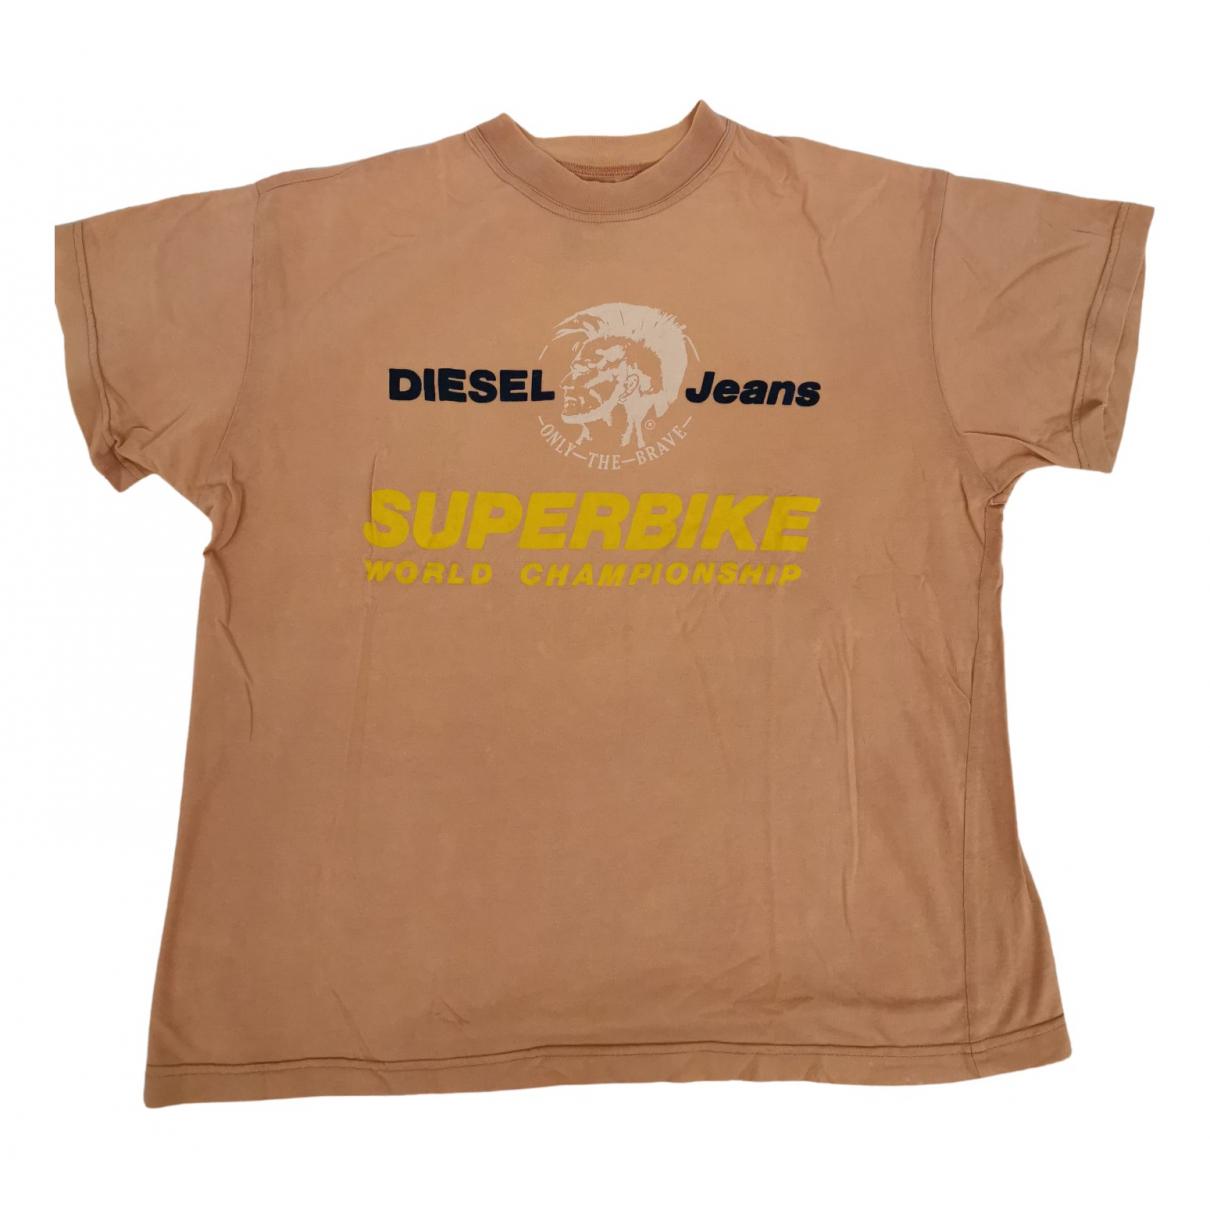 Diesel - Tee shirts   pour homme en coton - rose